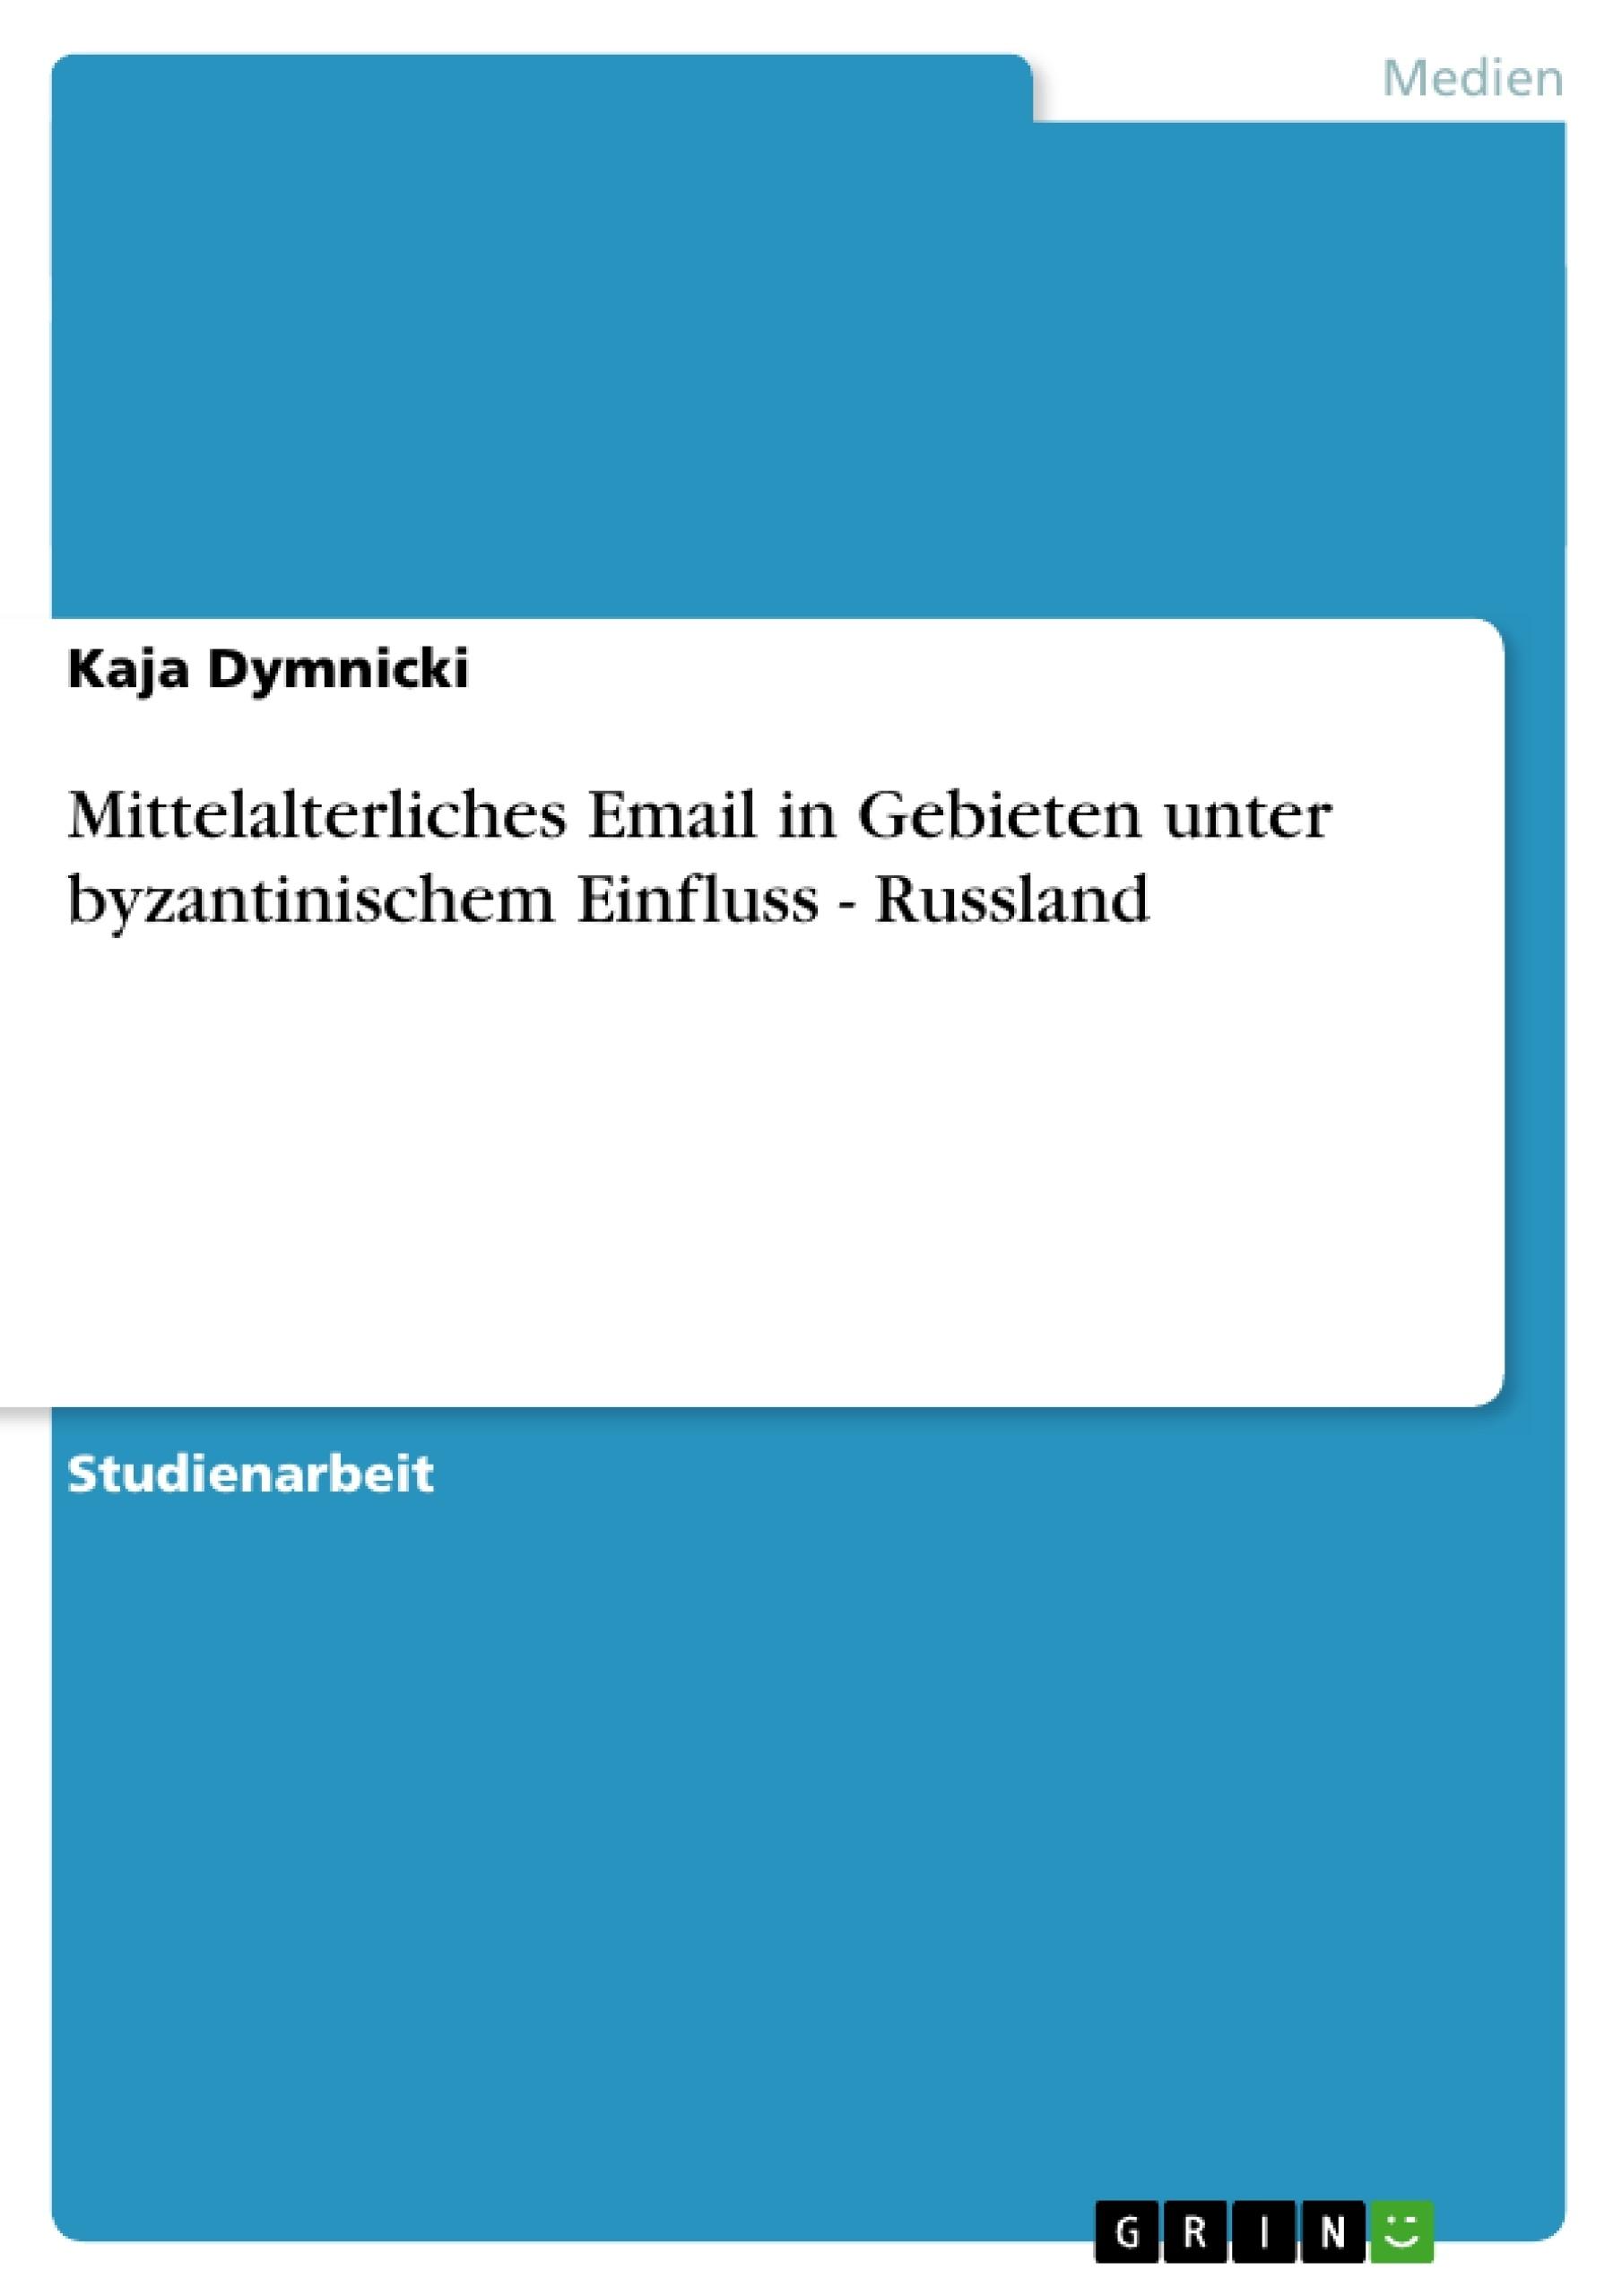 Titel: Mittelalterliches Email in Gebieten unter byzantinischem Einfluss - Russland